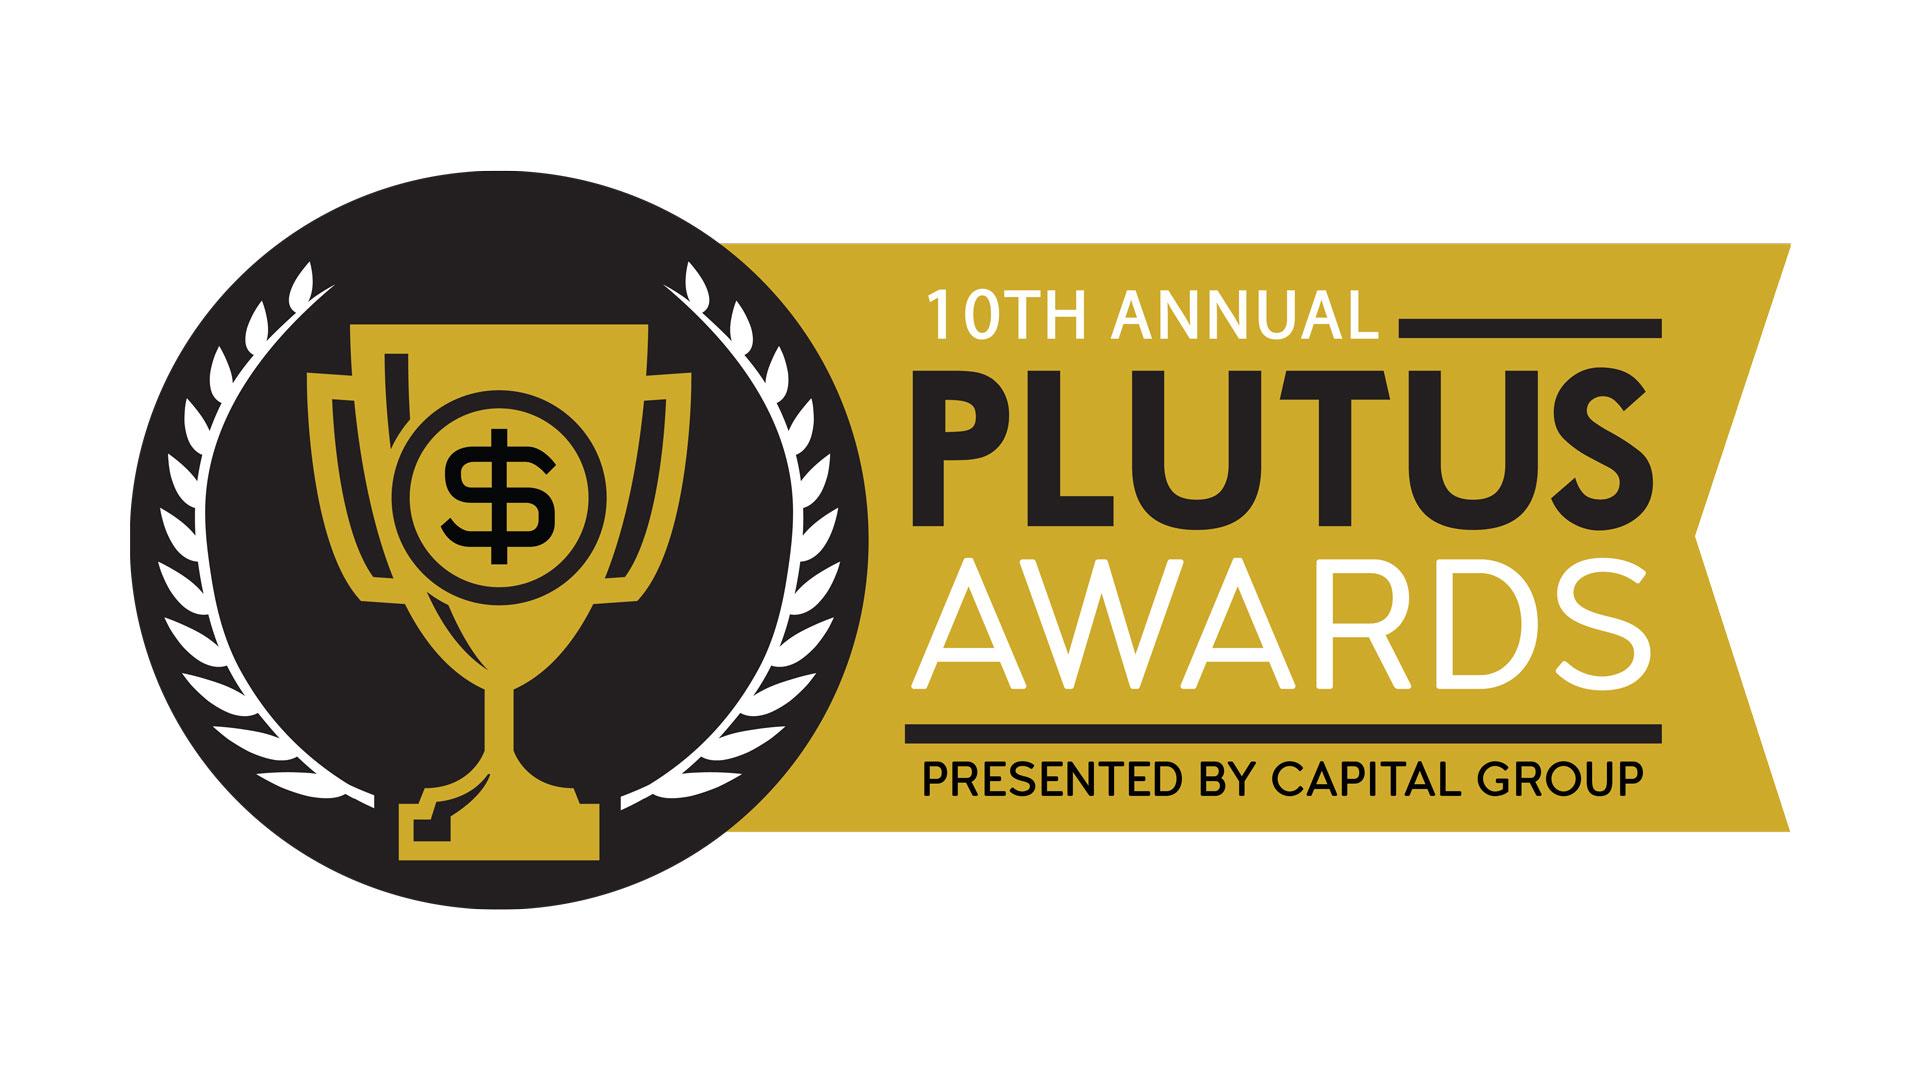 plutus-awards-10-banner-white-bg